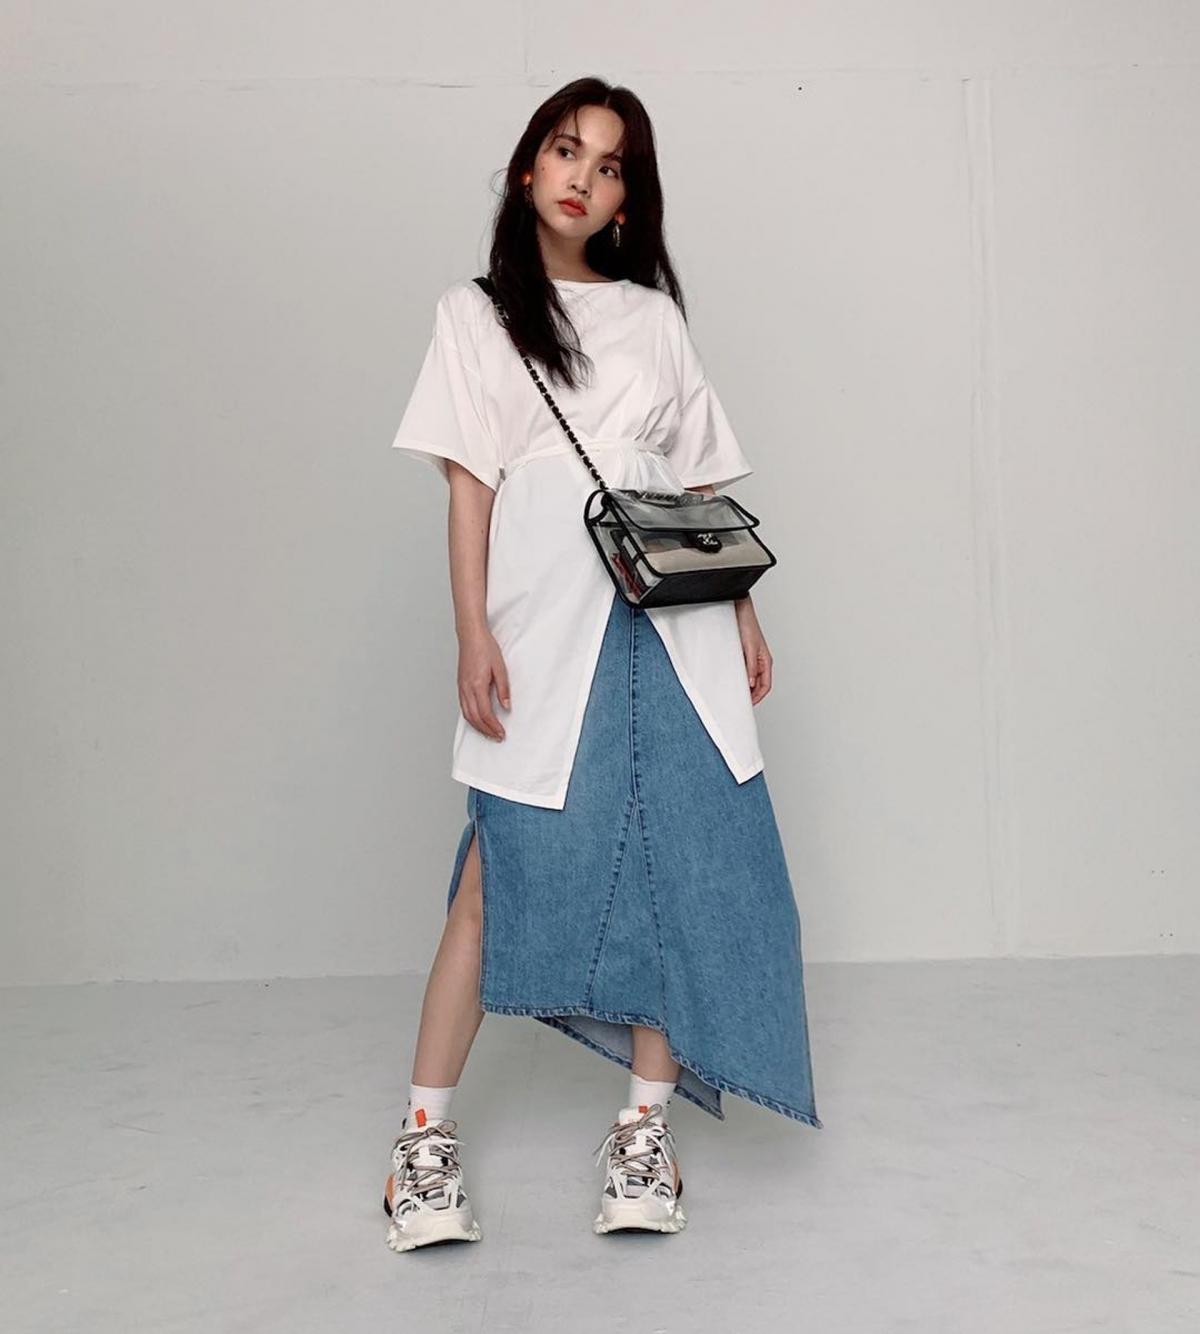 【楊丞琳名牌手袋】楊丞琳還有更多罕見款的Chanel手袋,真的令人超羨慕~